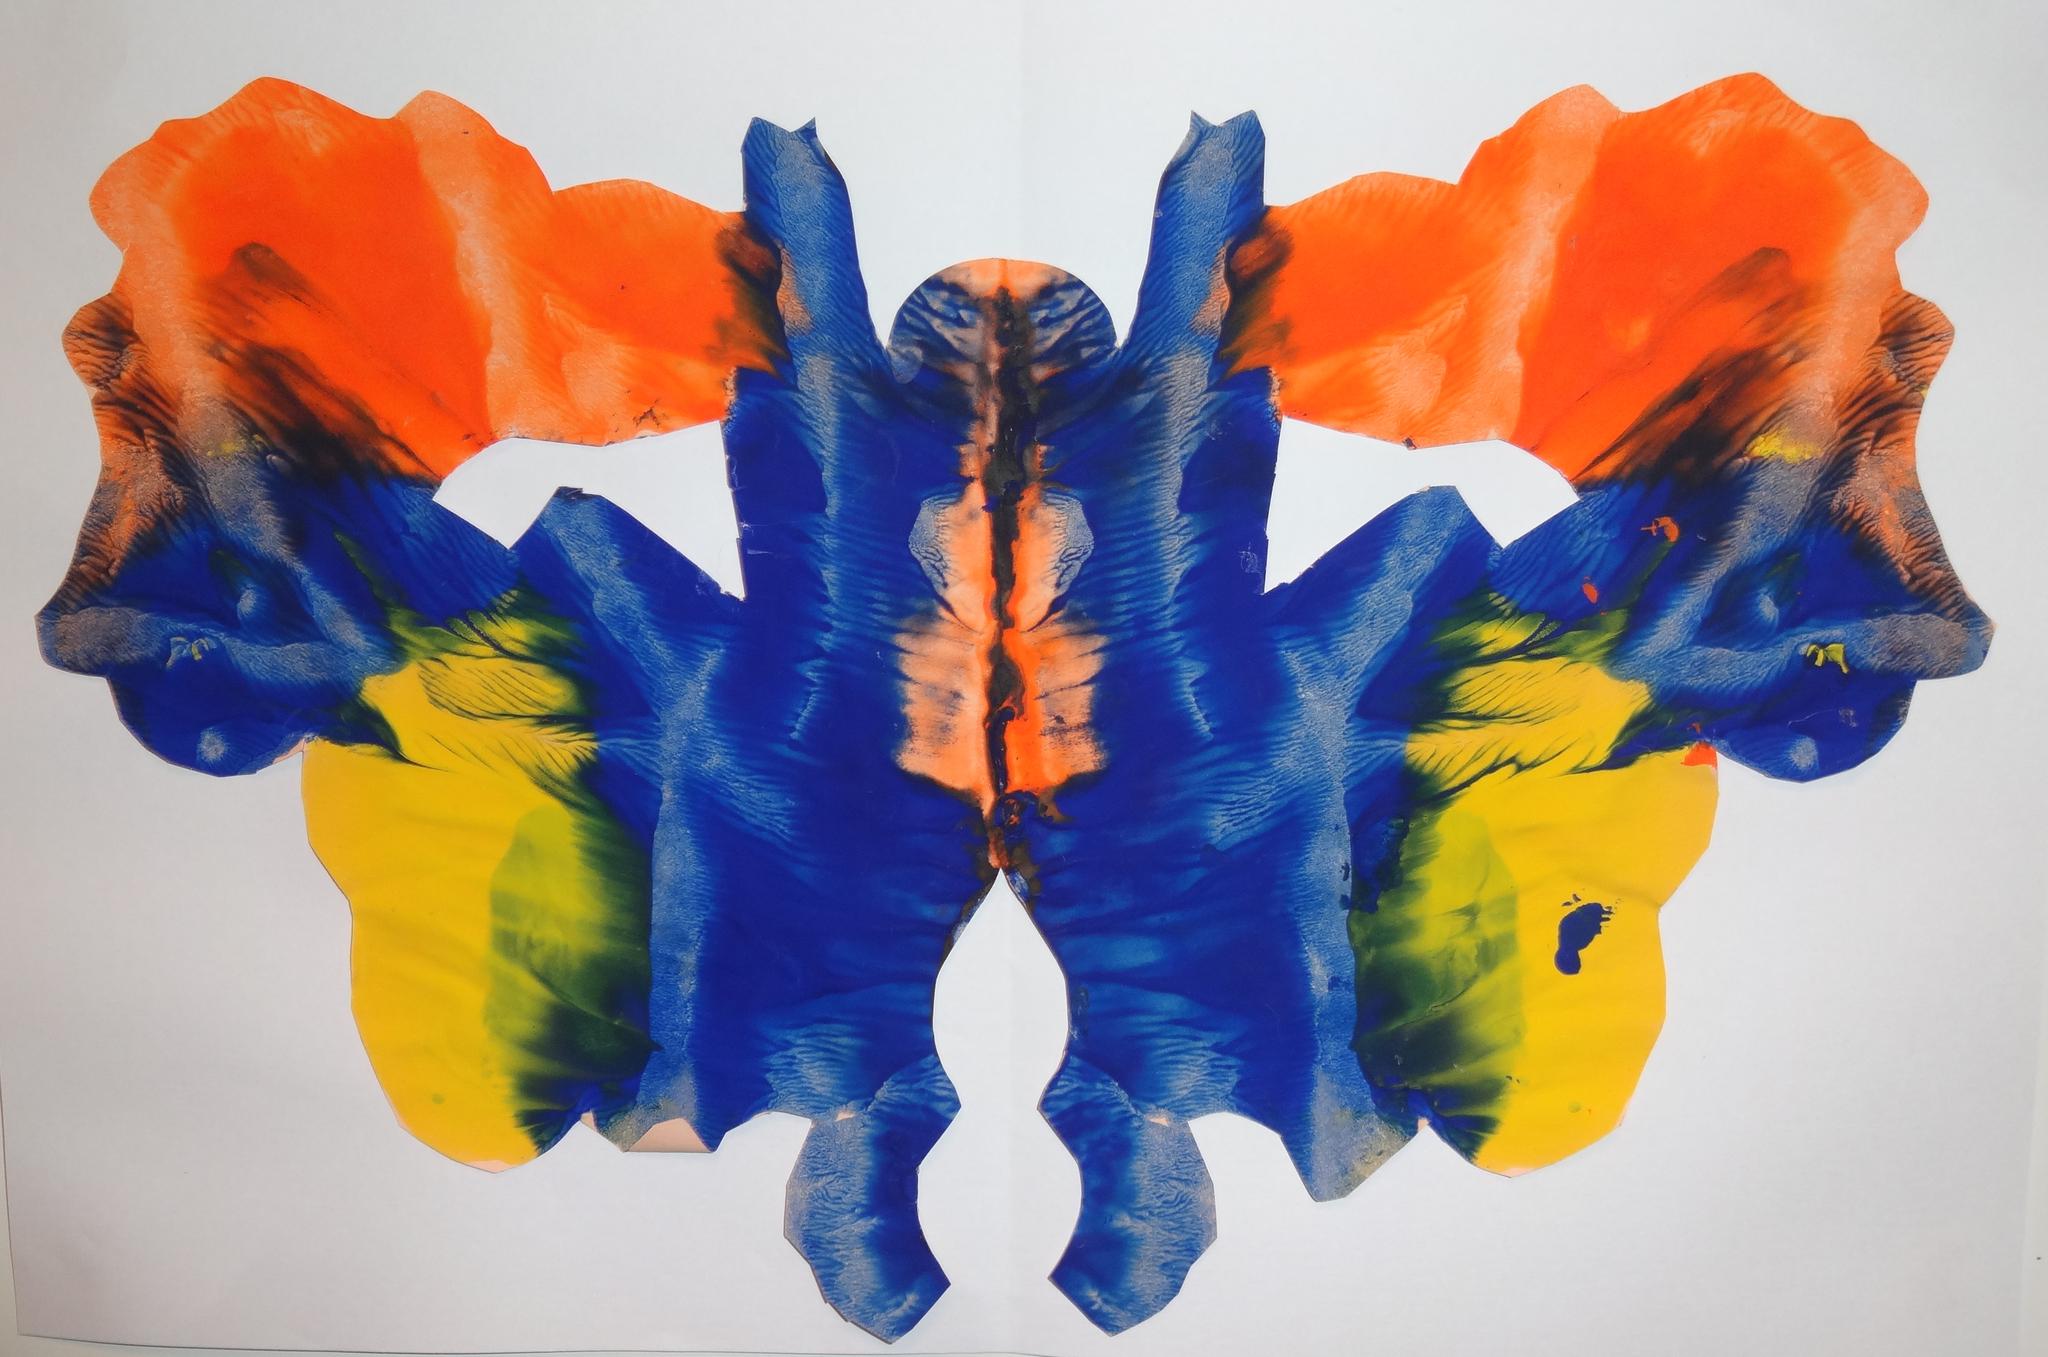 Symétrie Et Arts Plastiques - L' Ulis Blog encequiconcerne Arts Visuels Symétrie